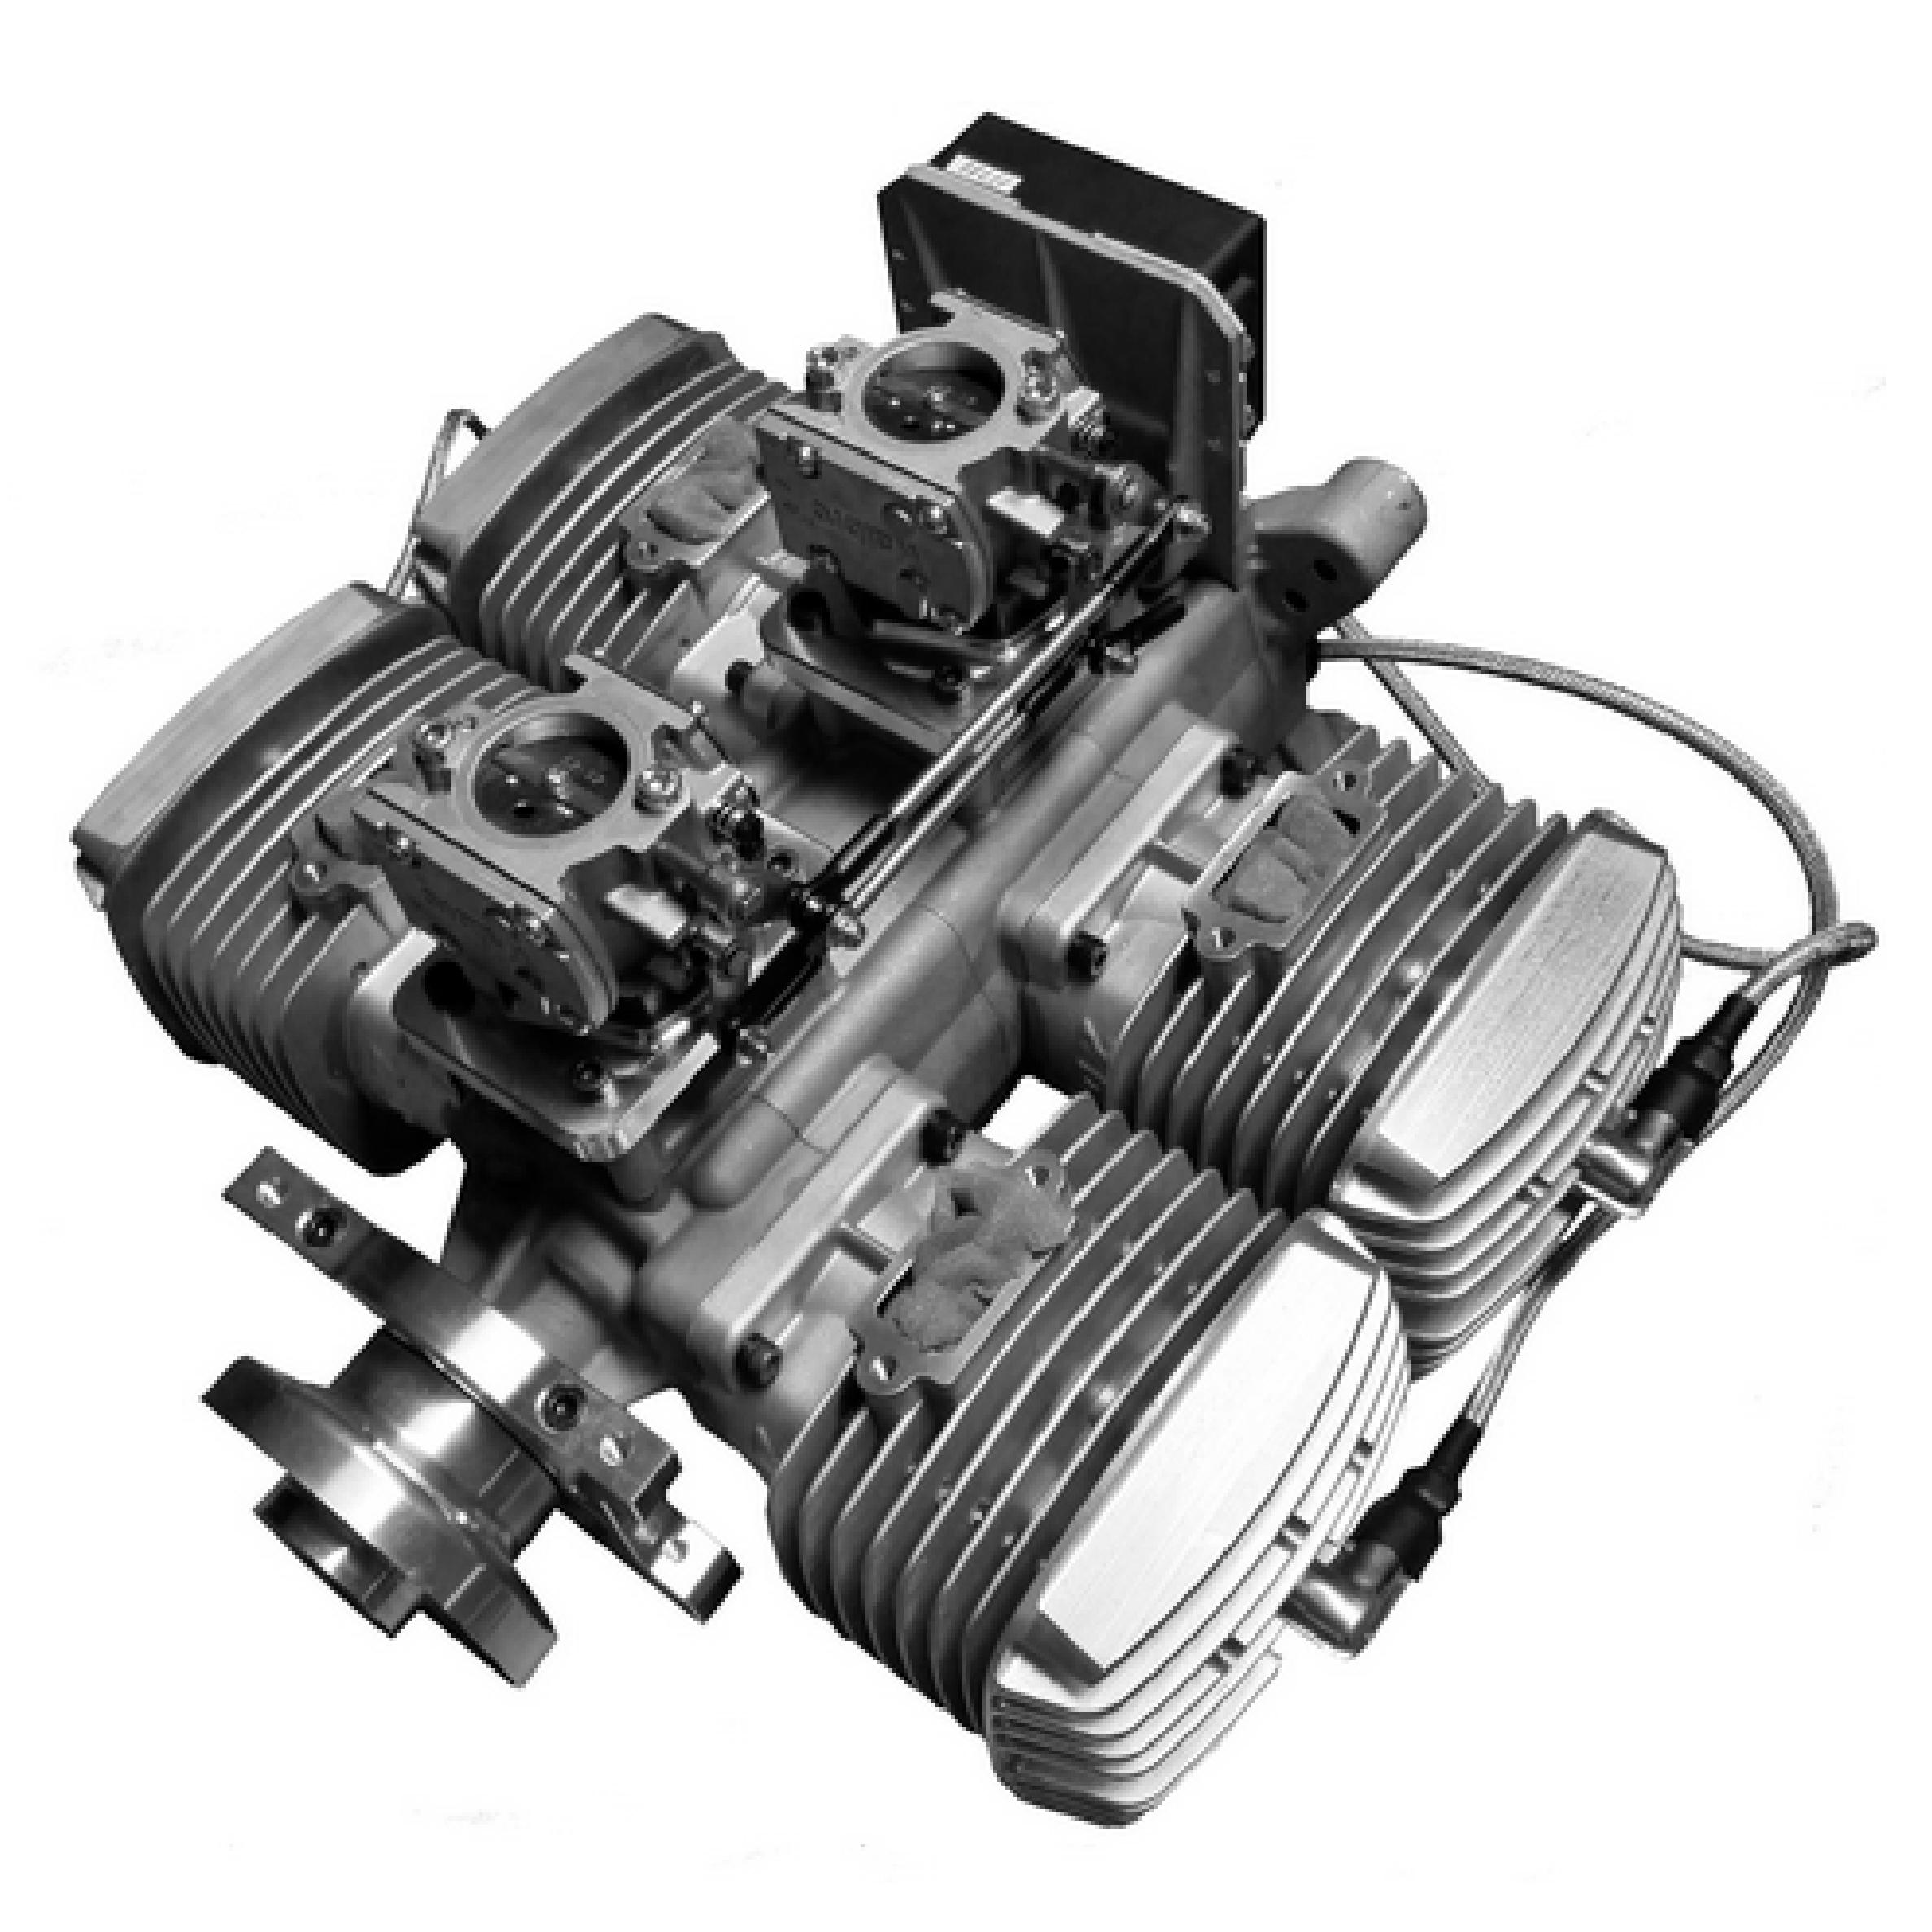 Zdz 500b4 j w electric starter zdz engines usa